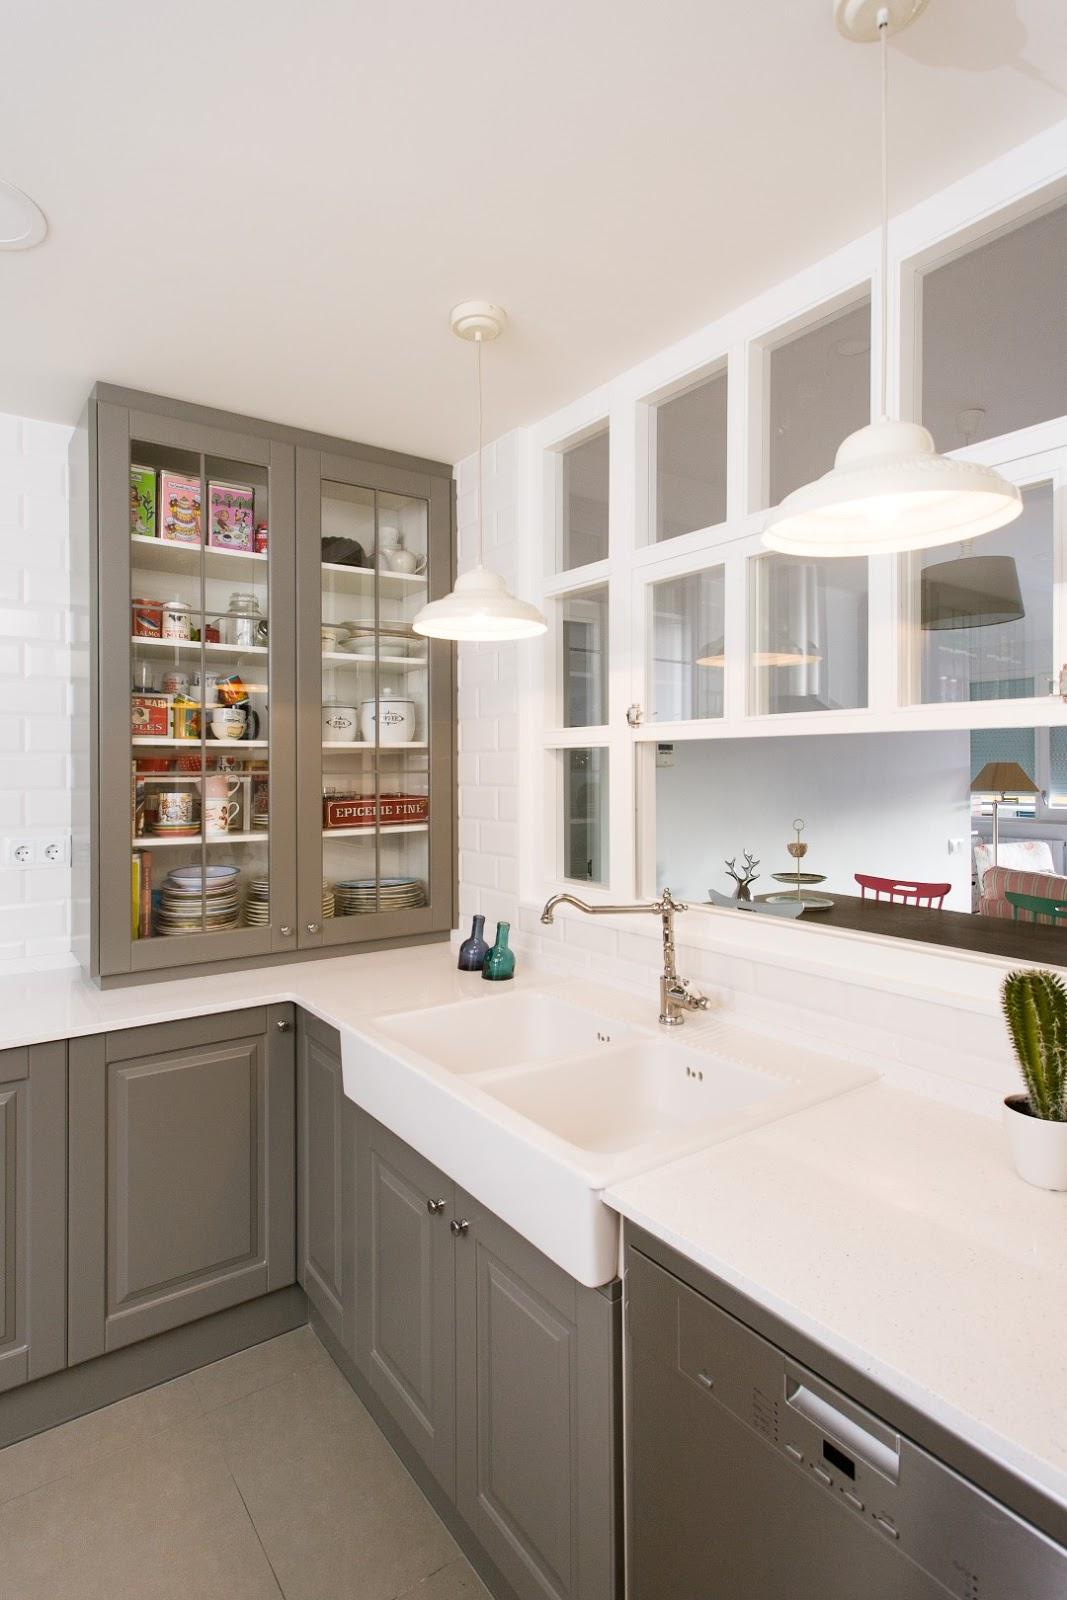 Reformar cocina sin obras simple para poder cambiar el - Cambiar encimera cocina sin obras ...